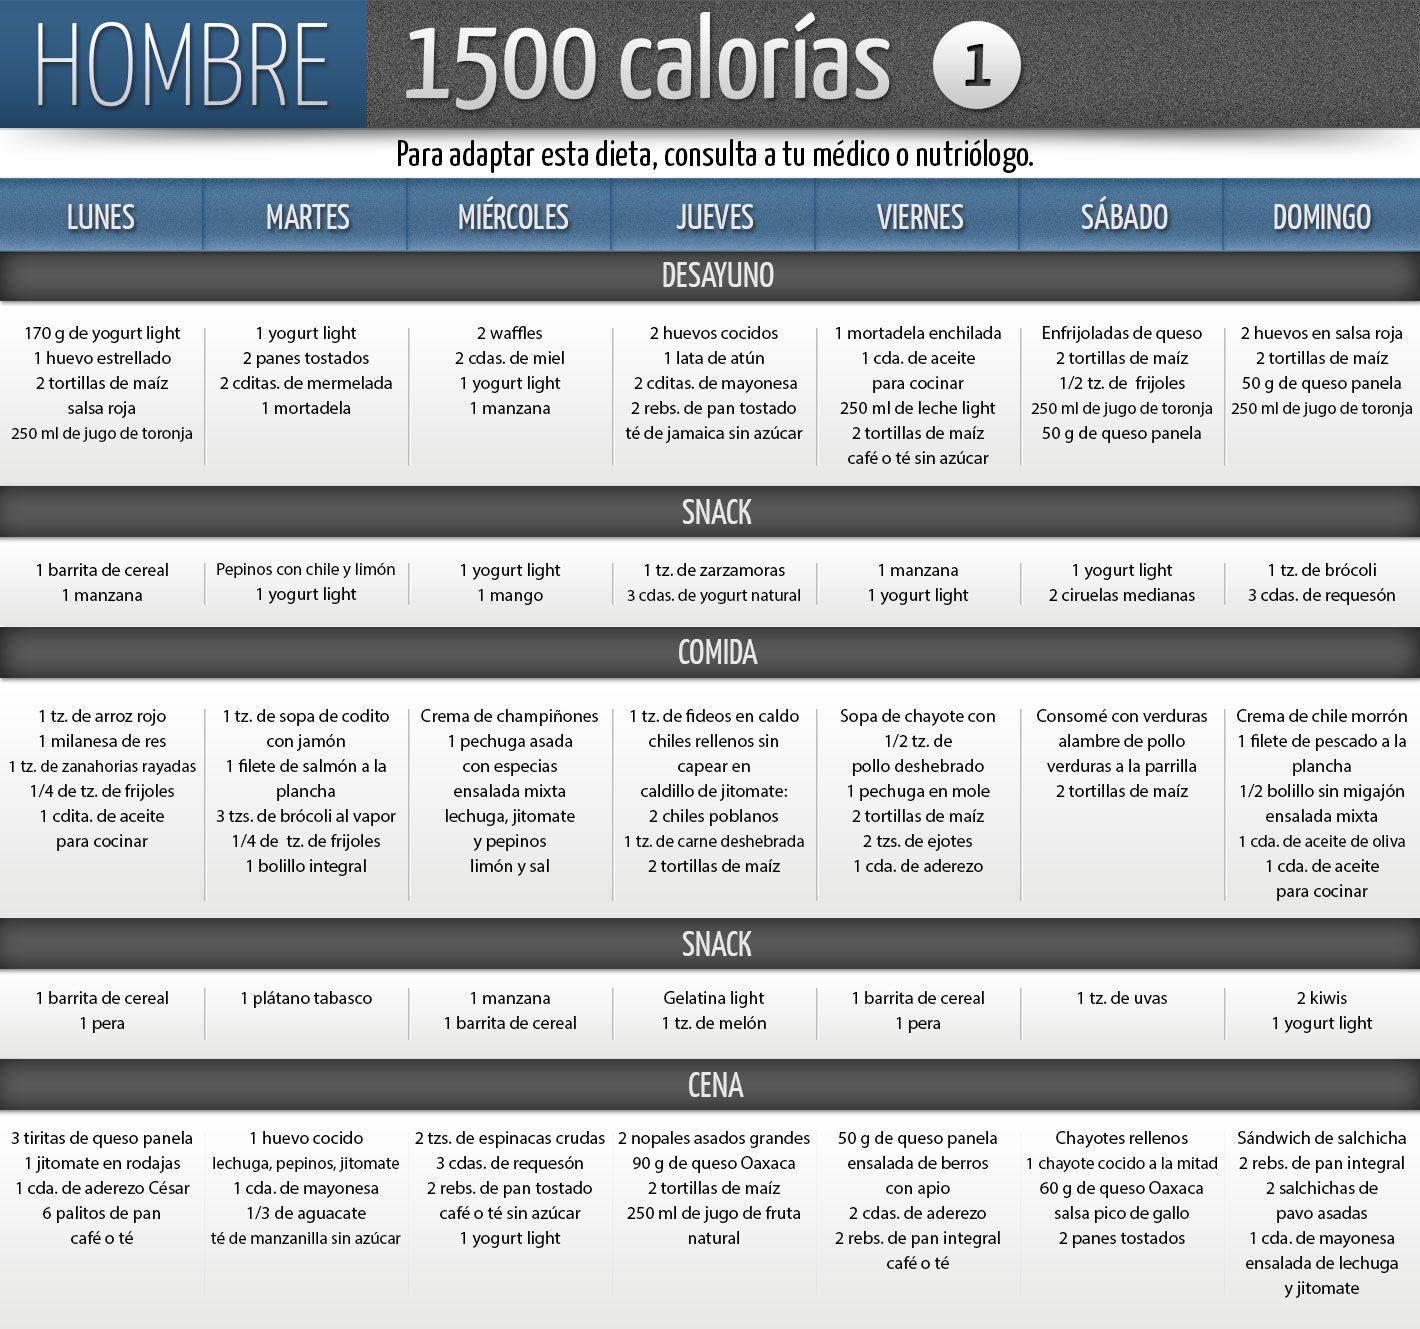 Dietas semanales de 1500 calorias